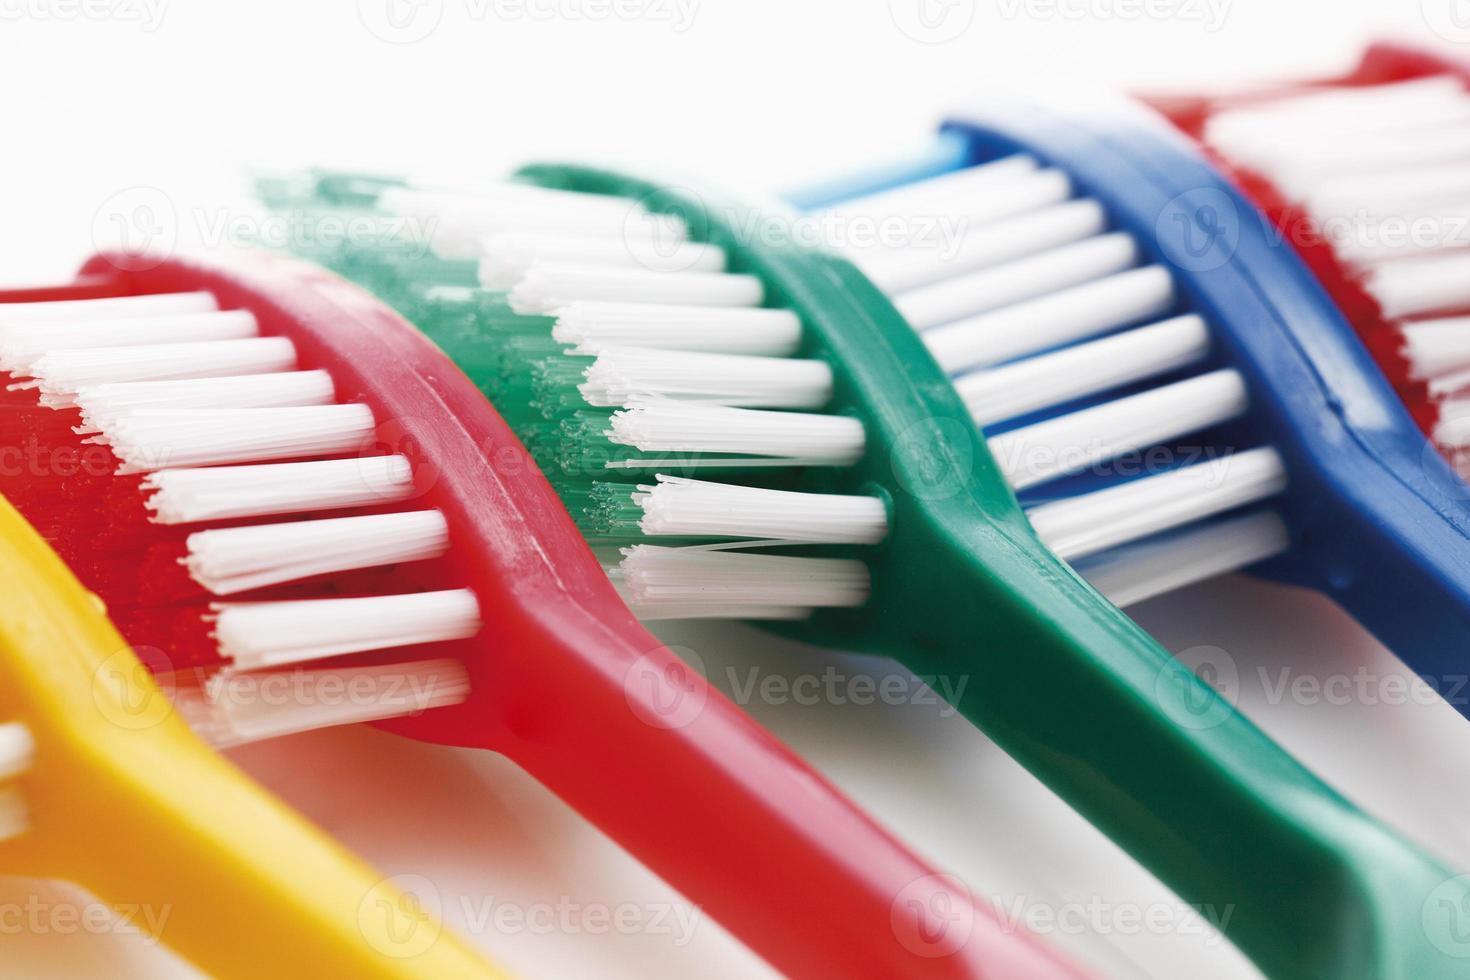 variedad de cepillos de dientes foto